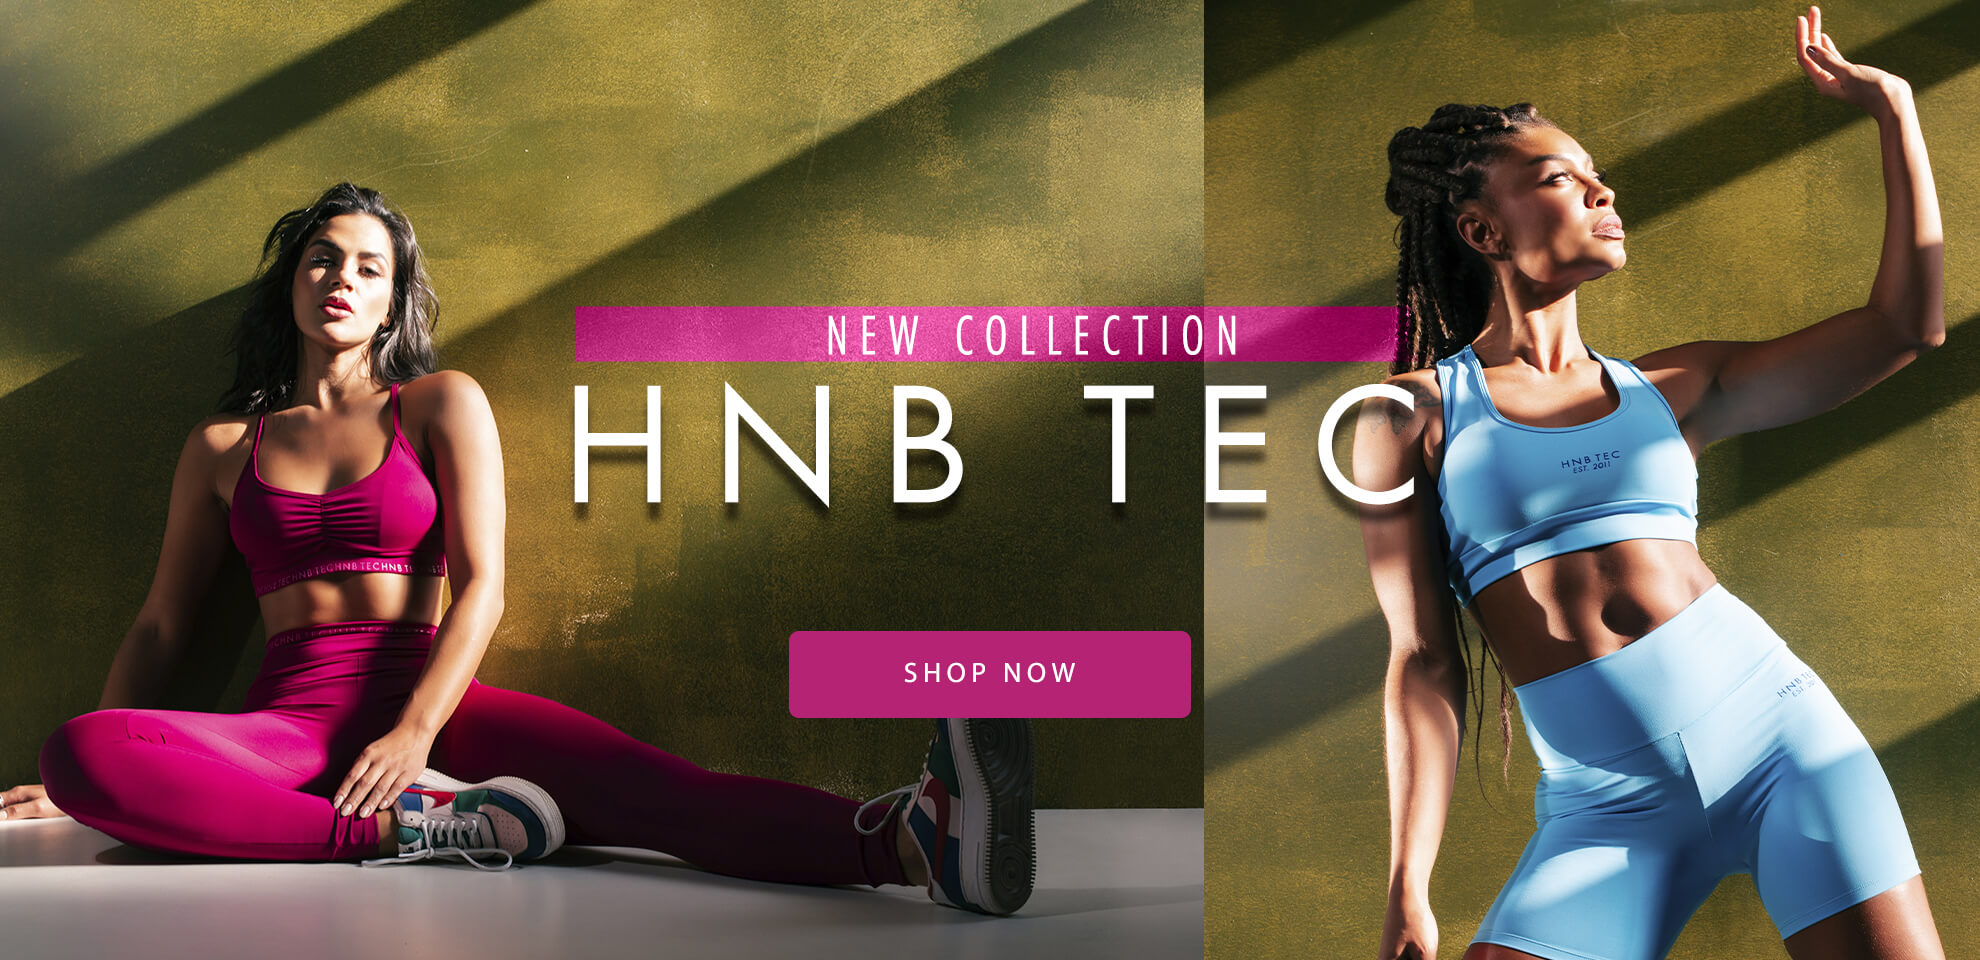 HNB TEC